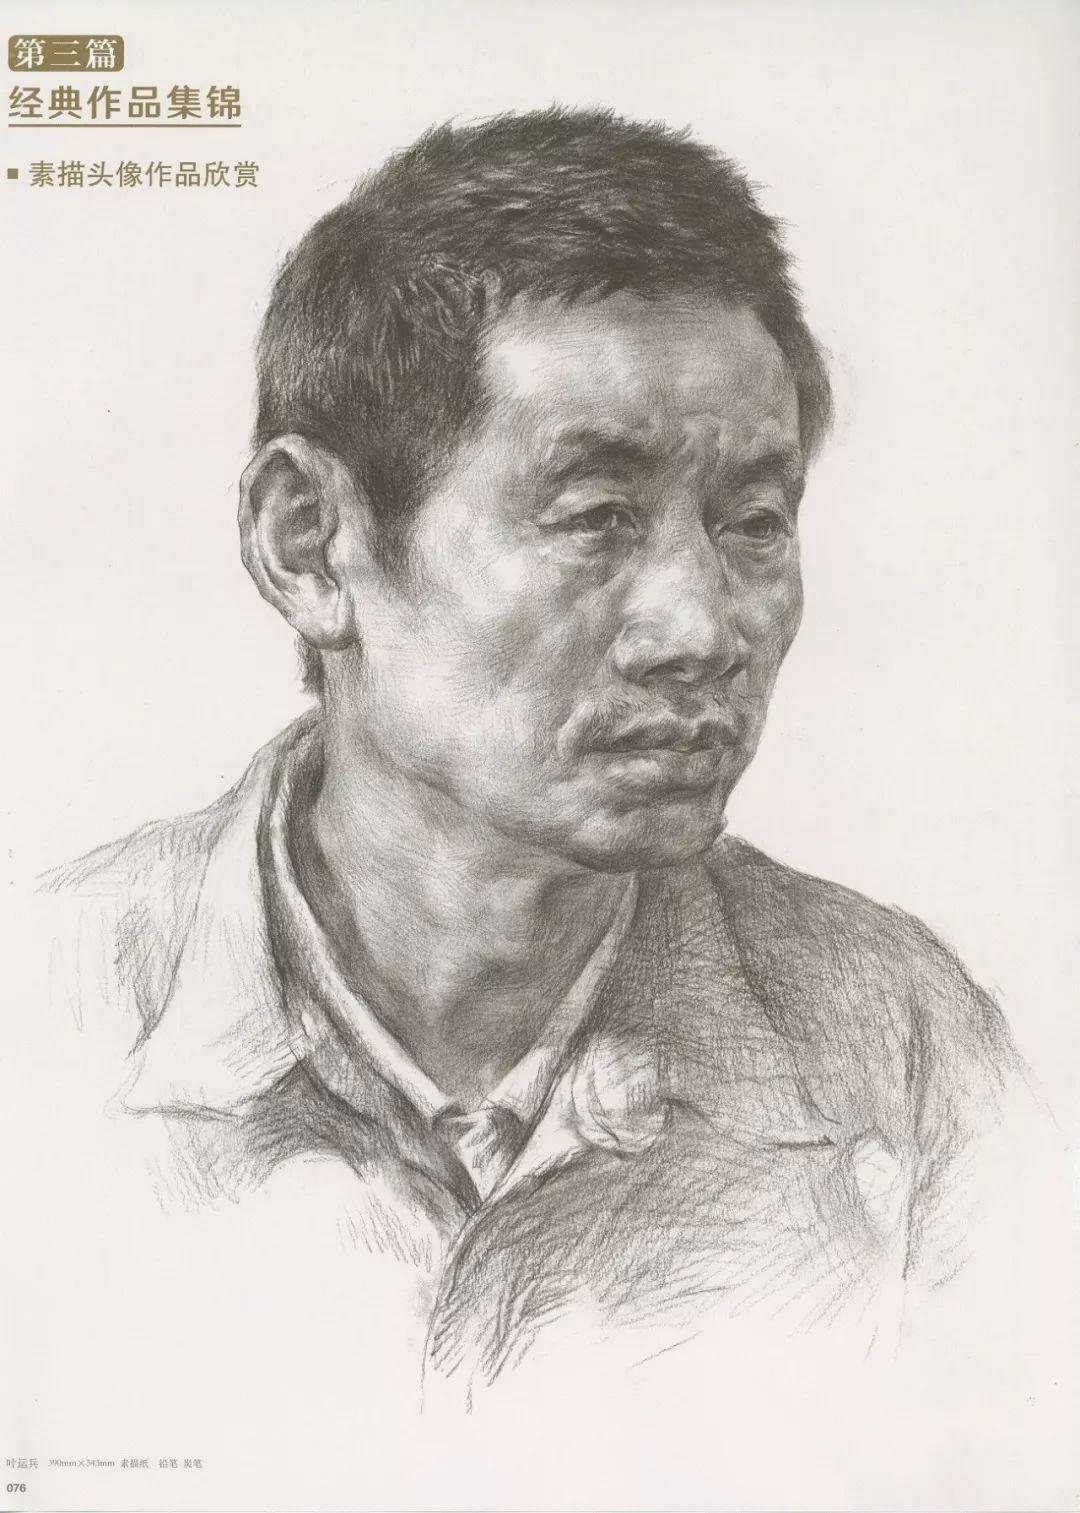 画老人素描头像就犯怂,掌握了广州十大画室整理的这两点就不怂了,15